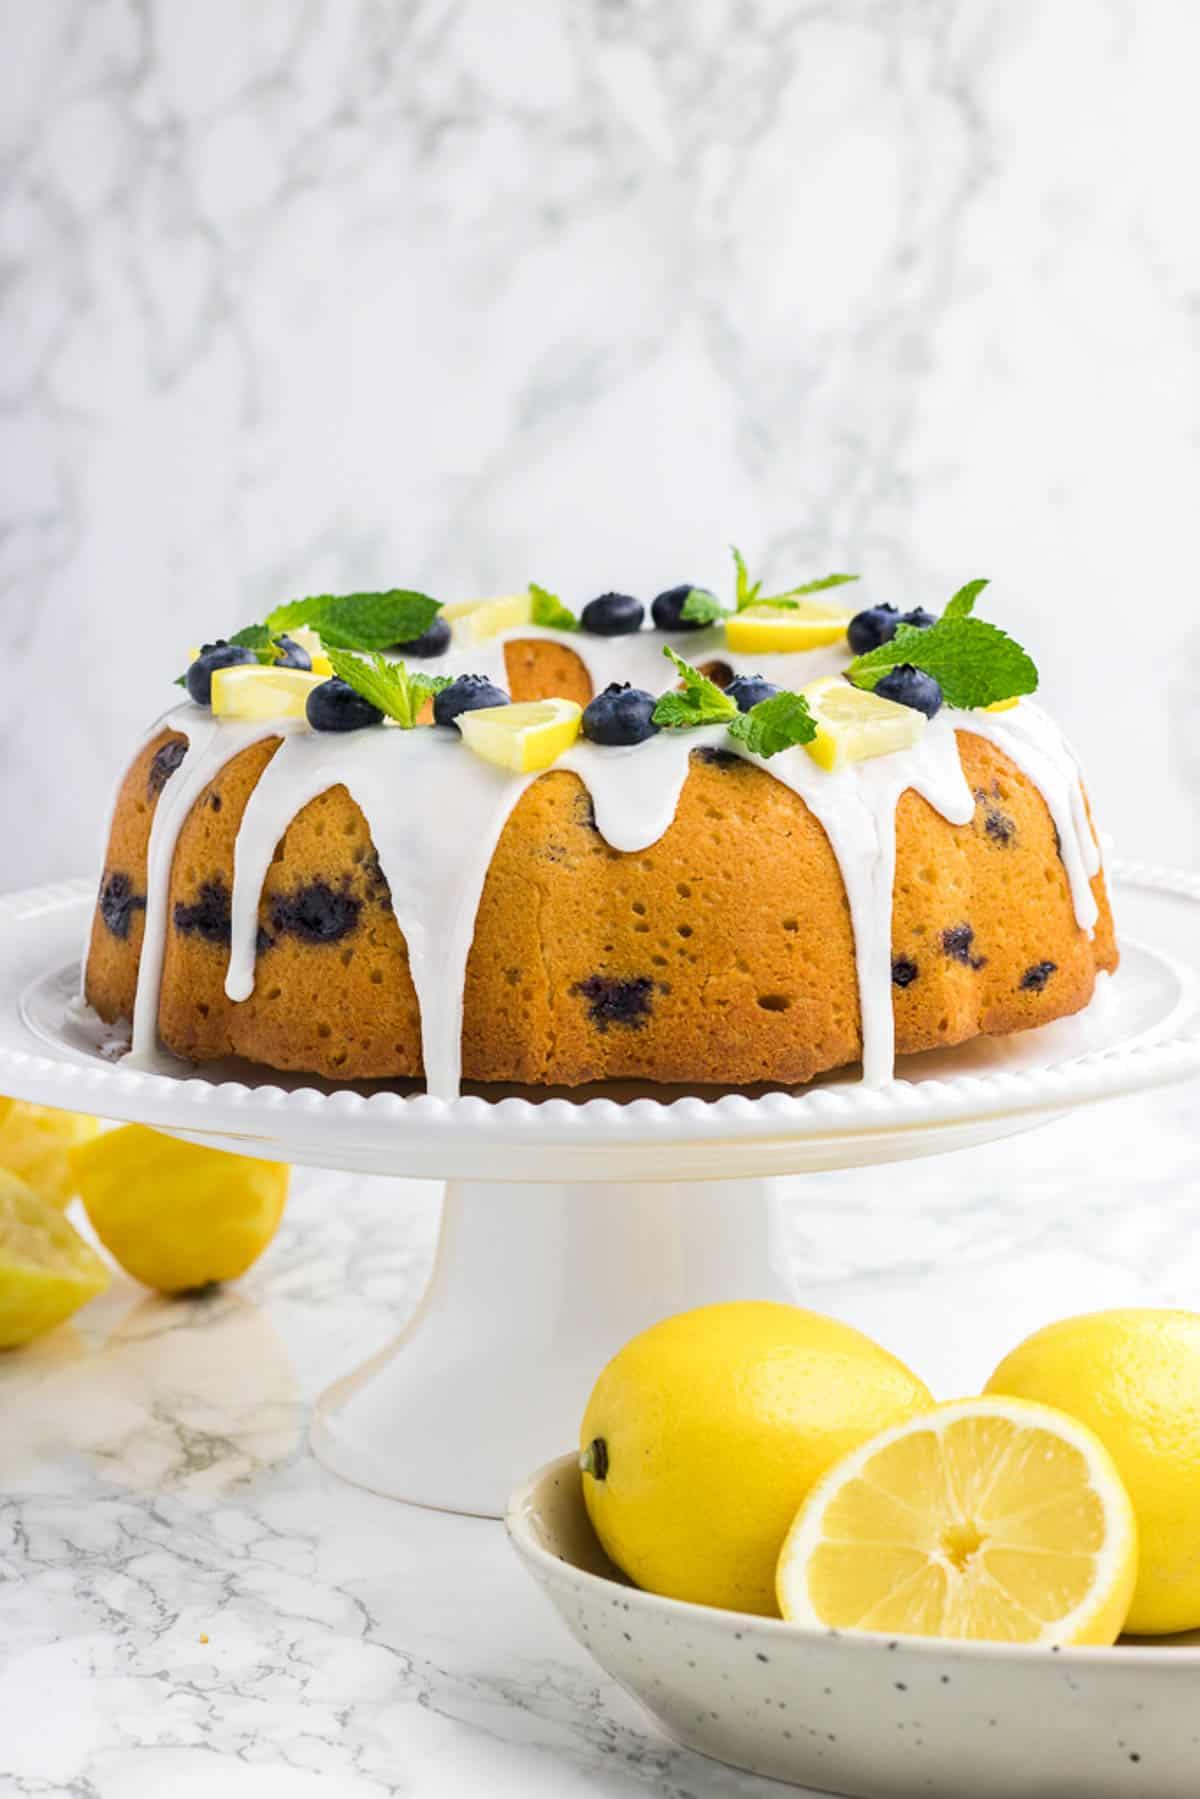 Lemon Blueberry Bundt Cake on a white cake platter.